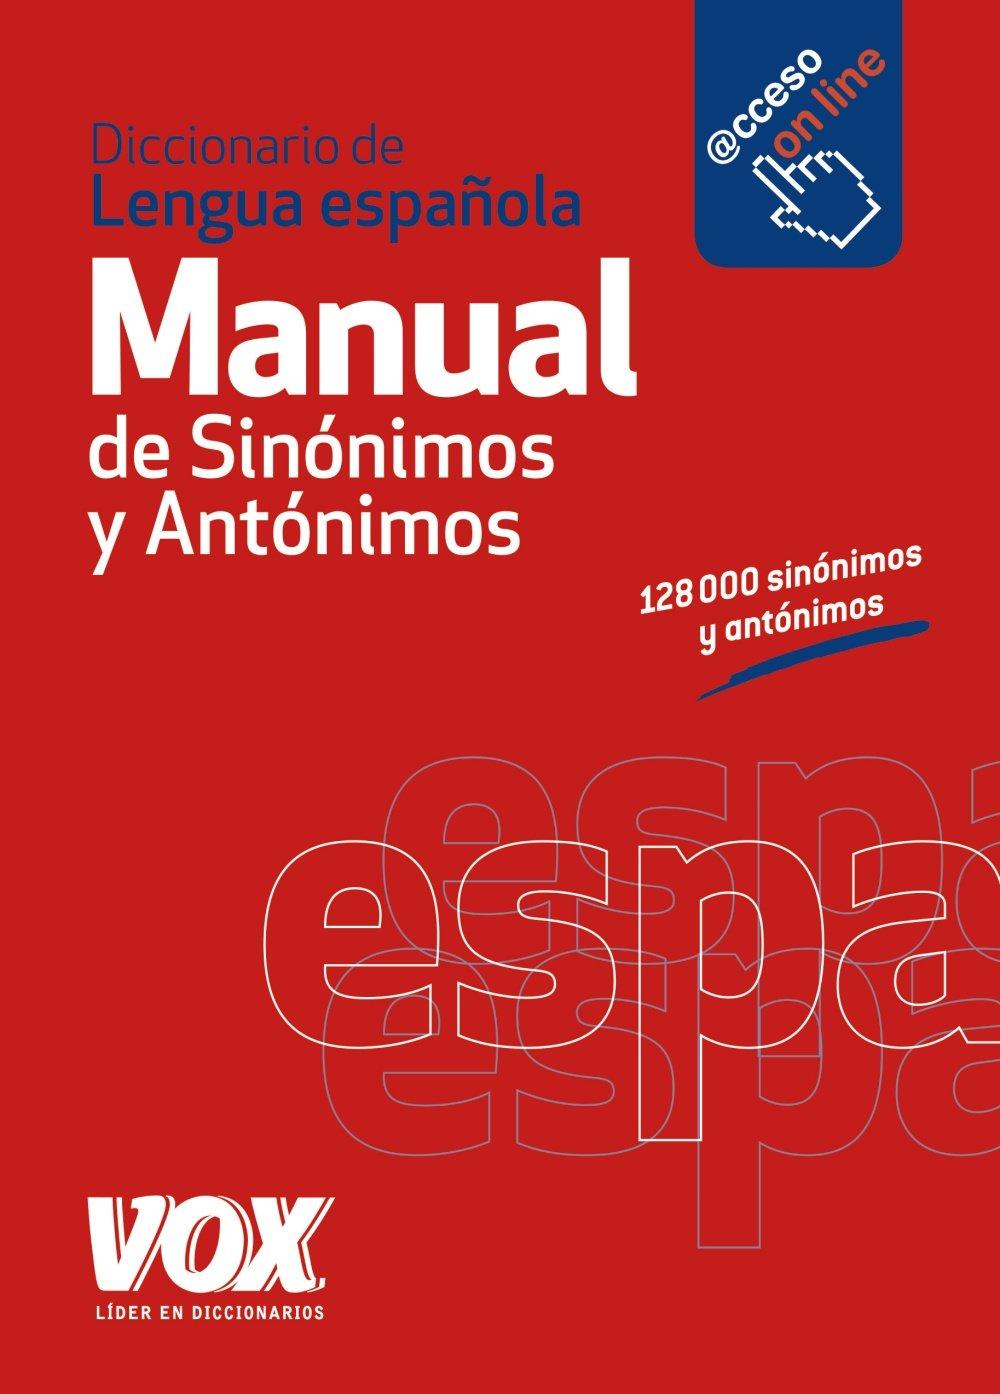 Diccionario Manual de Sinónimos y Antónimos de la Lengua Española Vox - Lengua Española - Diccionarios Generales: Amazon.es: Larousse Editorial: Libros